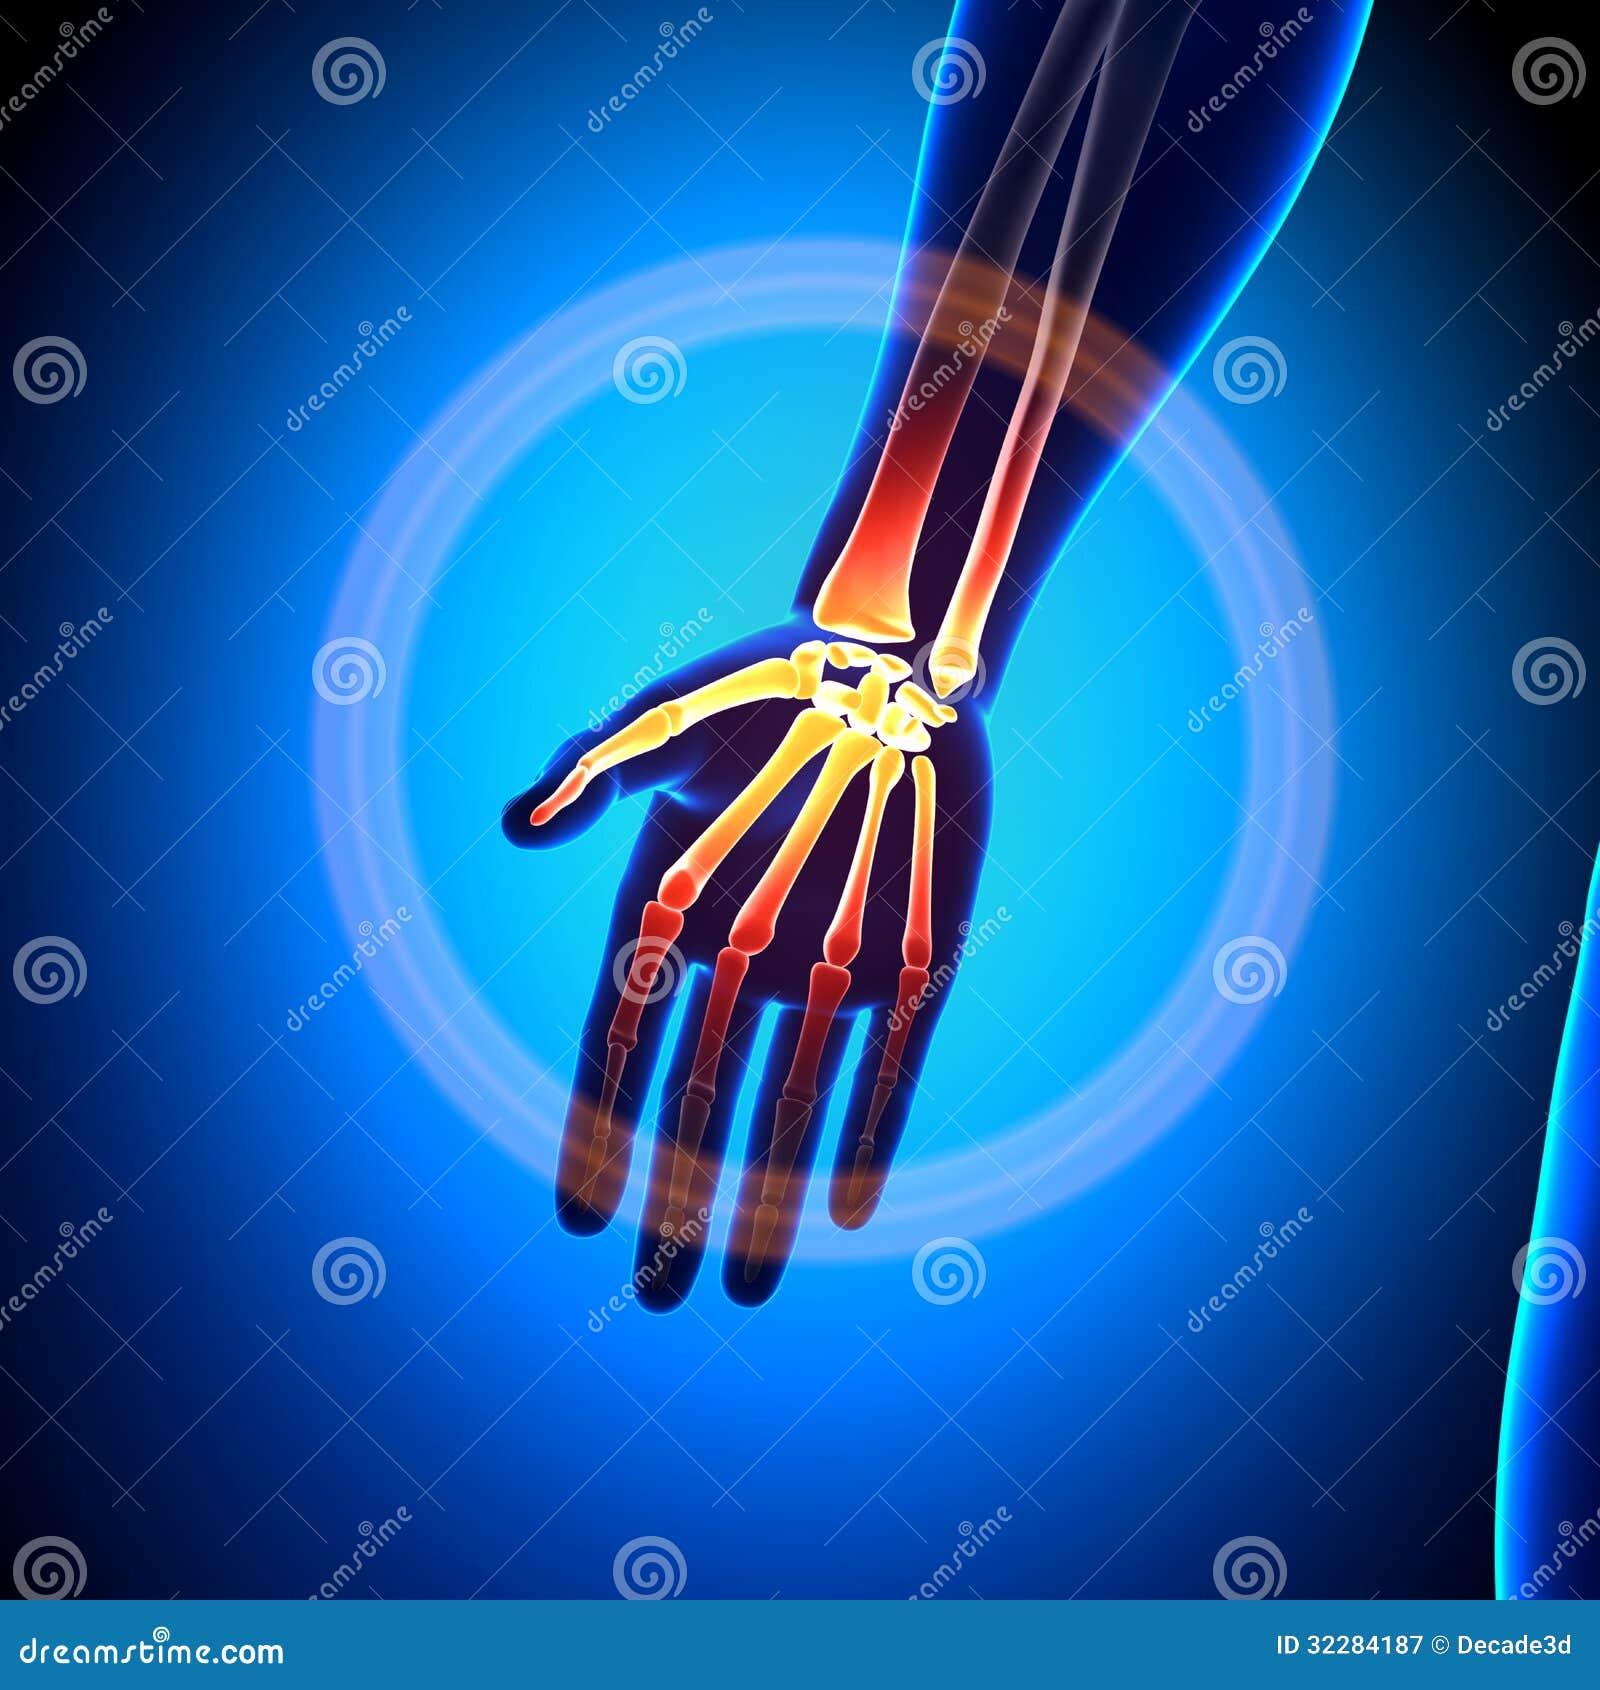 Hand Carpals Metacarpals Phalanges Anatomy Bones Stock